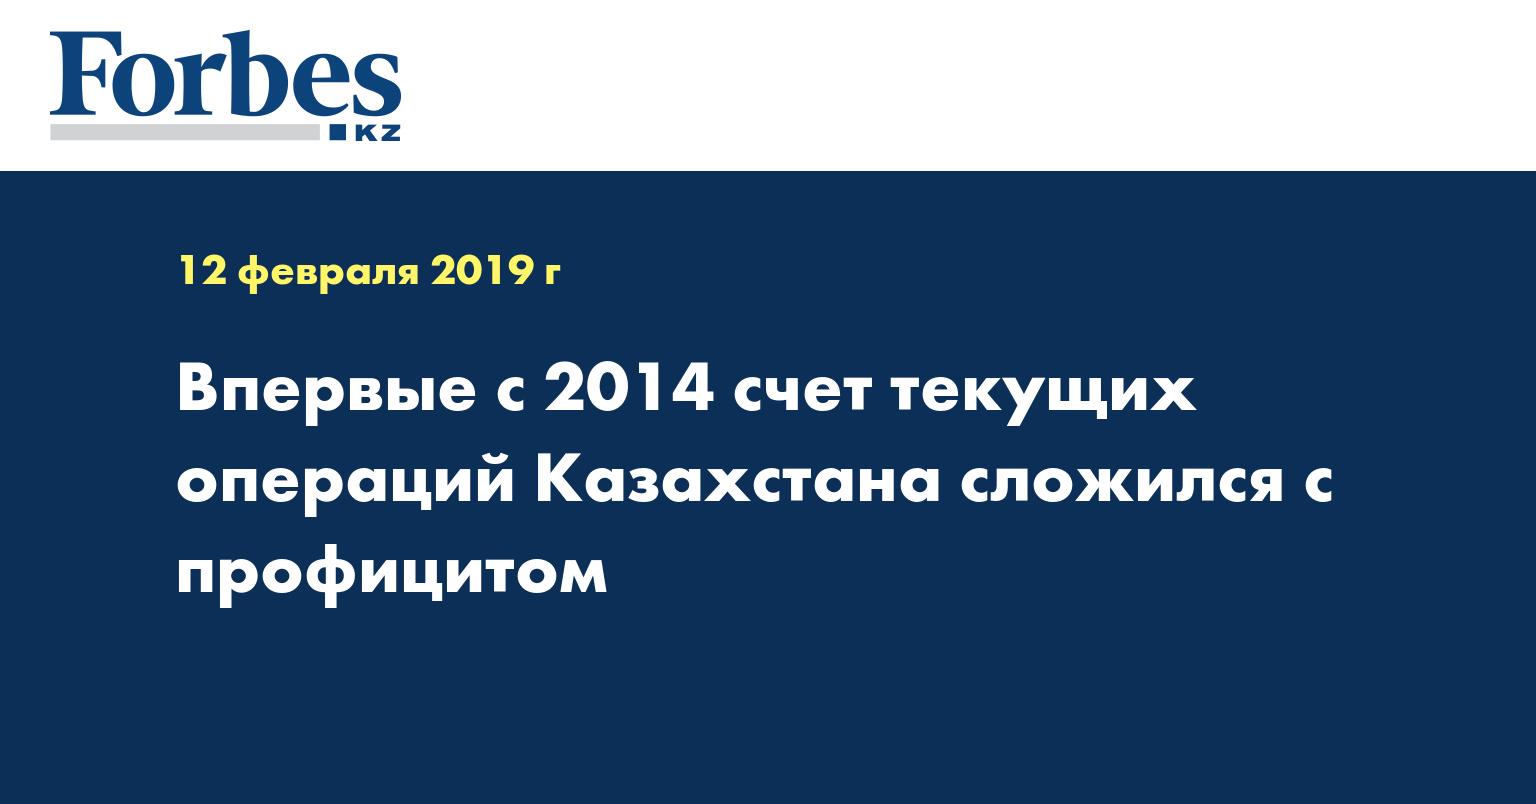 Впервые с 2014 счет текущих операций Казахстана сложился с профицитом